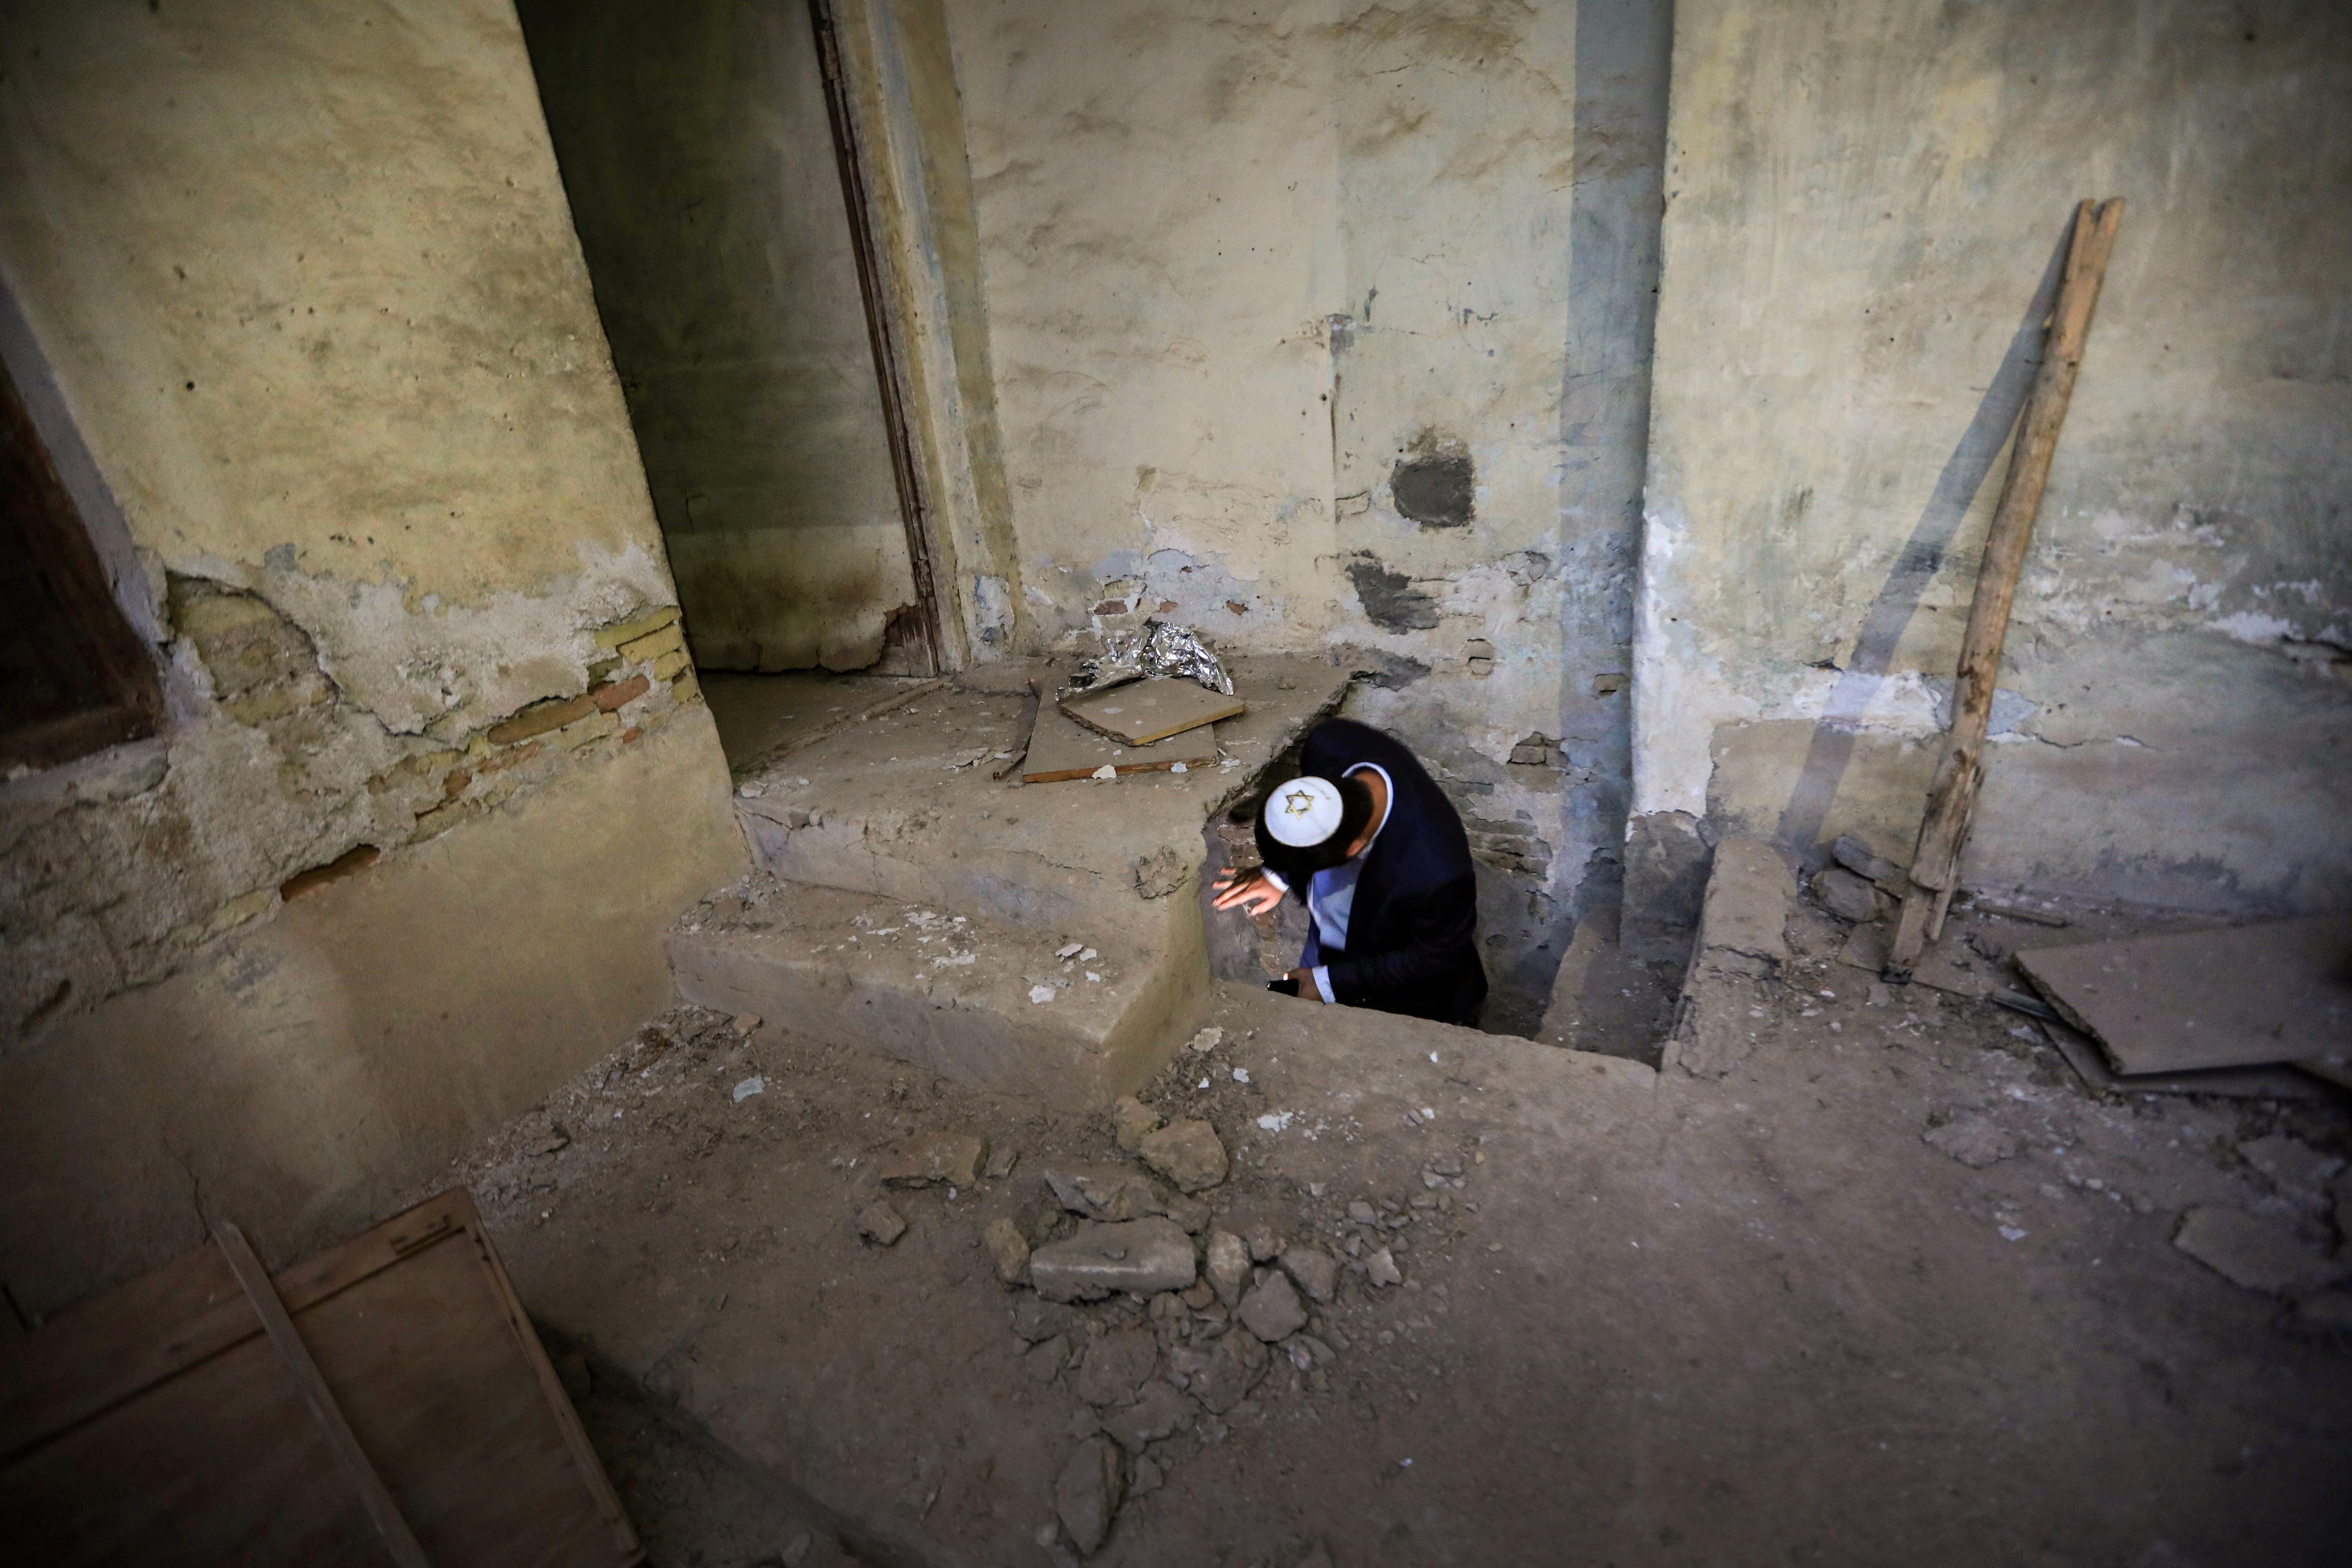 كنيس يهودي يحتاج إلى الترميم في أربيل